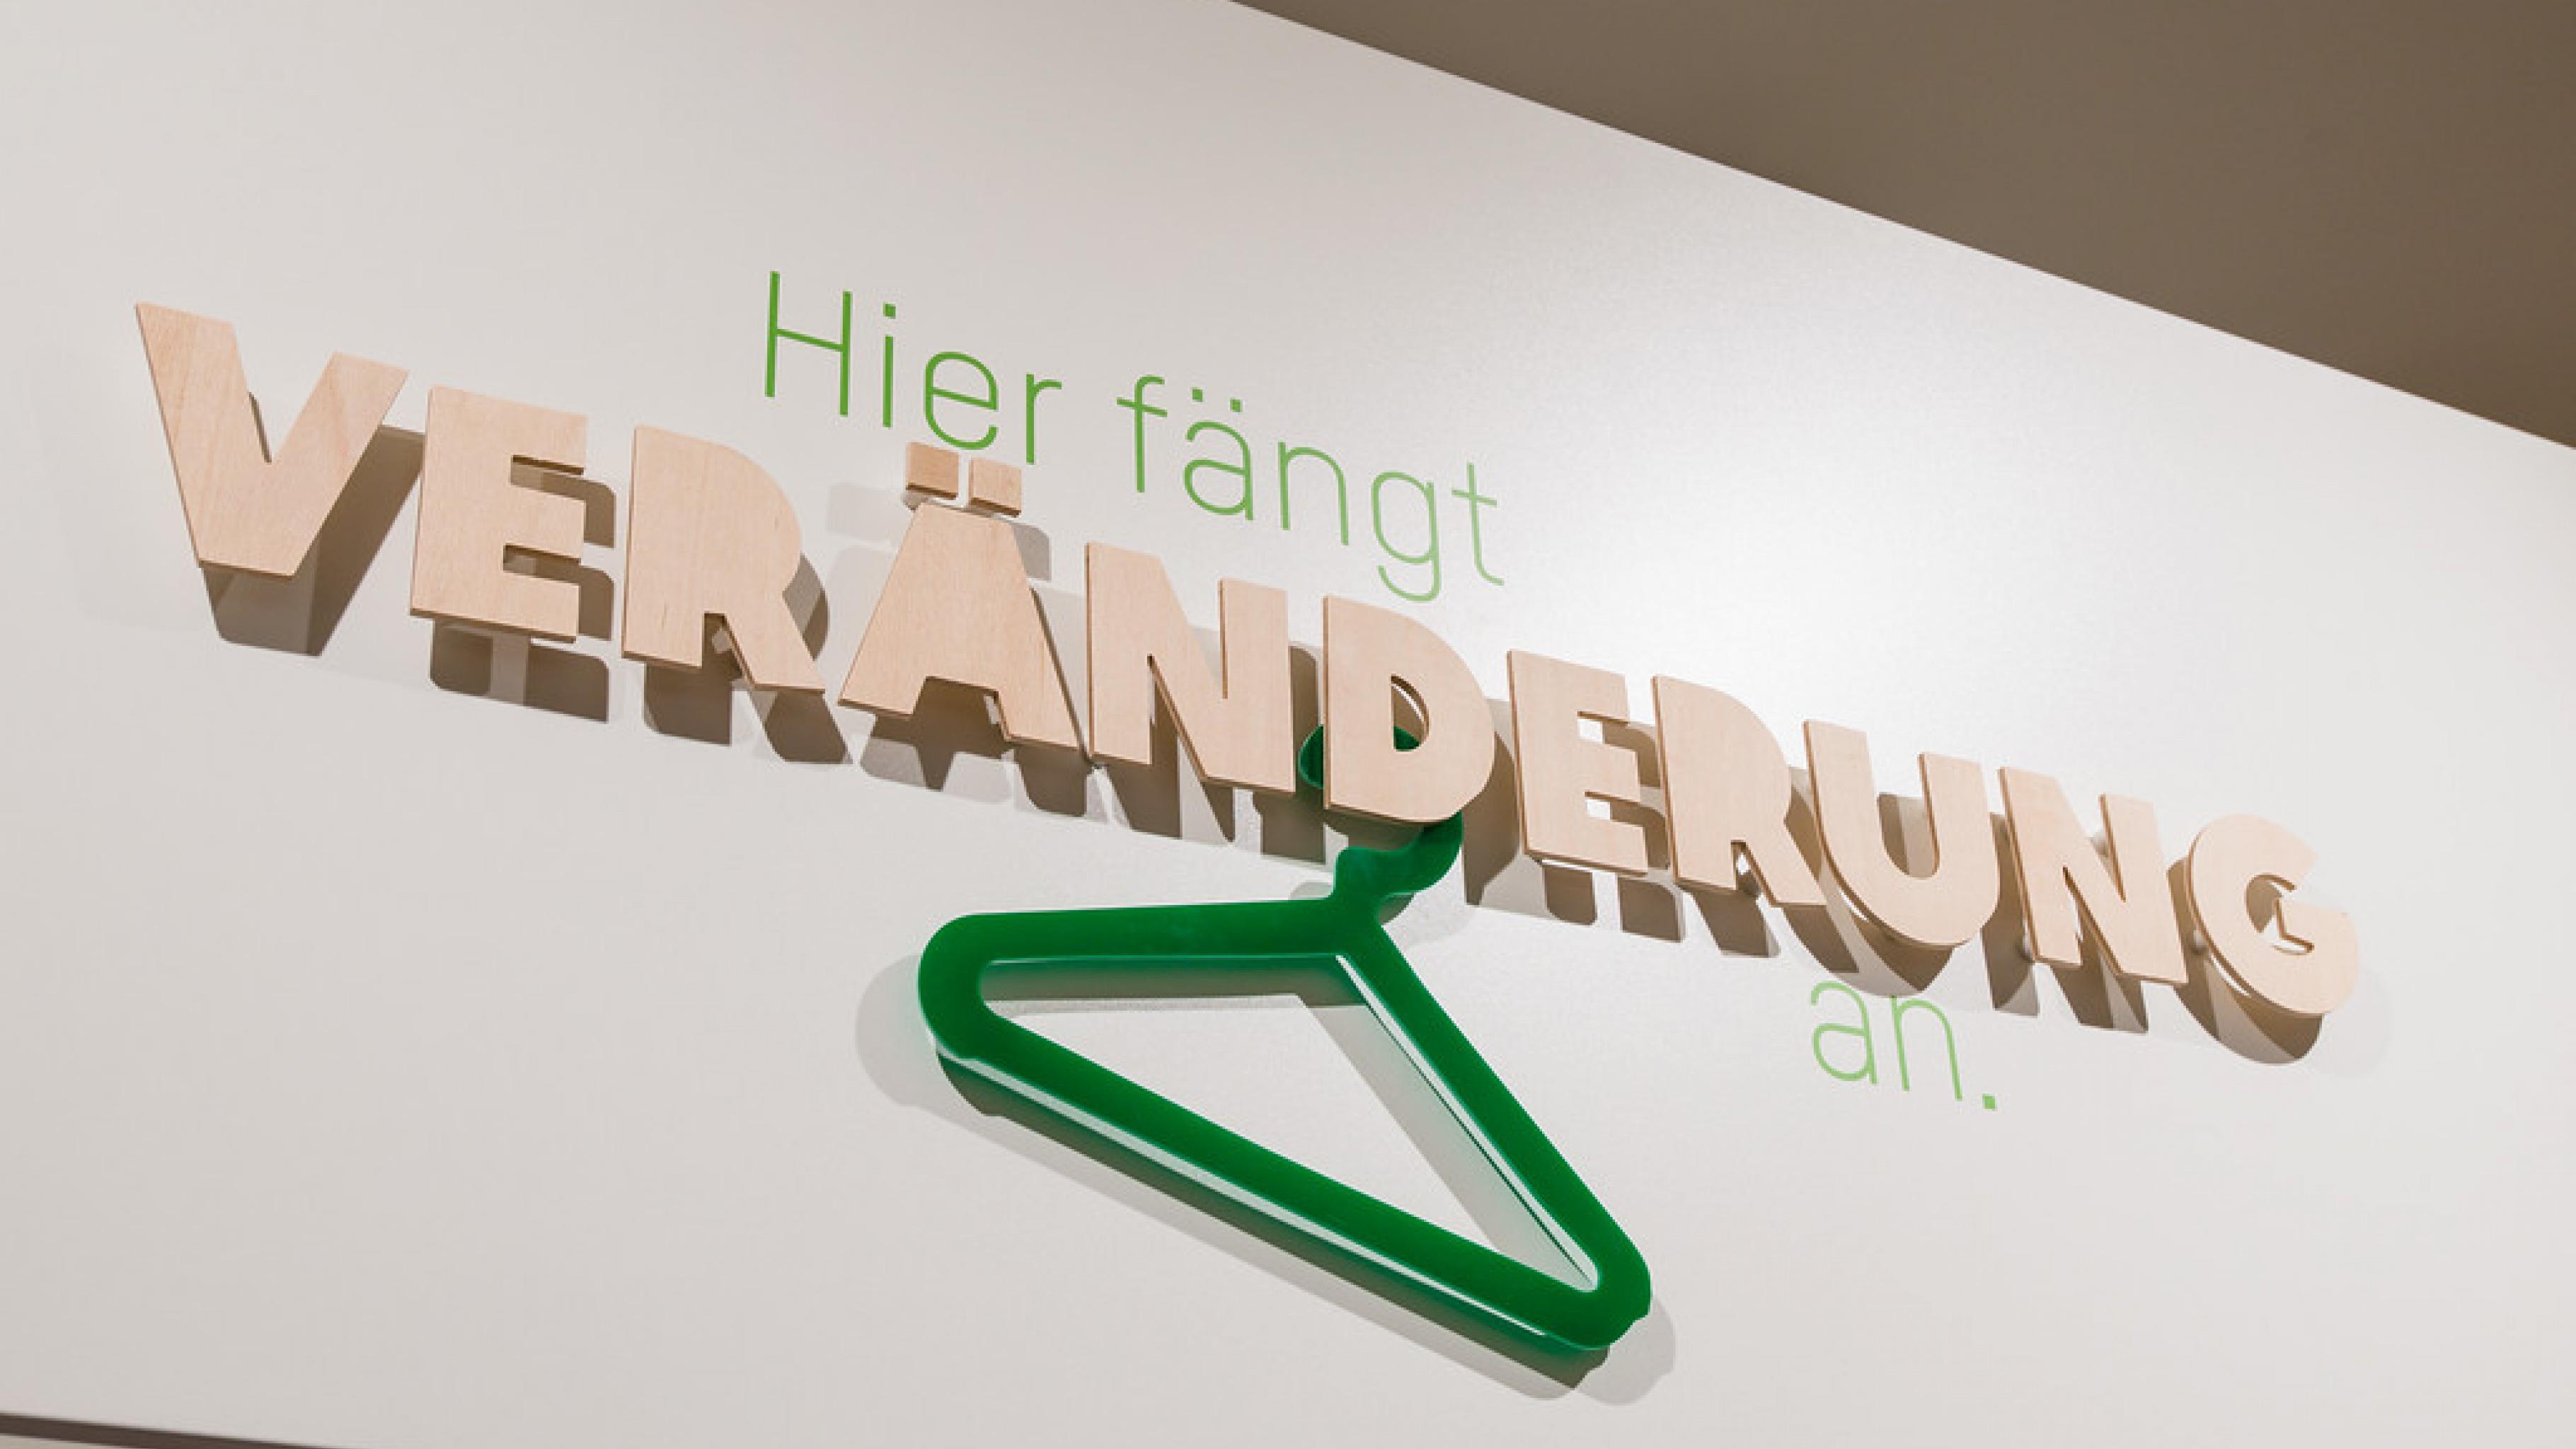 Oxfam Shop Frankfurt-Nordend - Slogan: Hier fängt Veränderung an